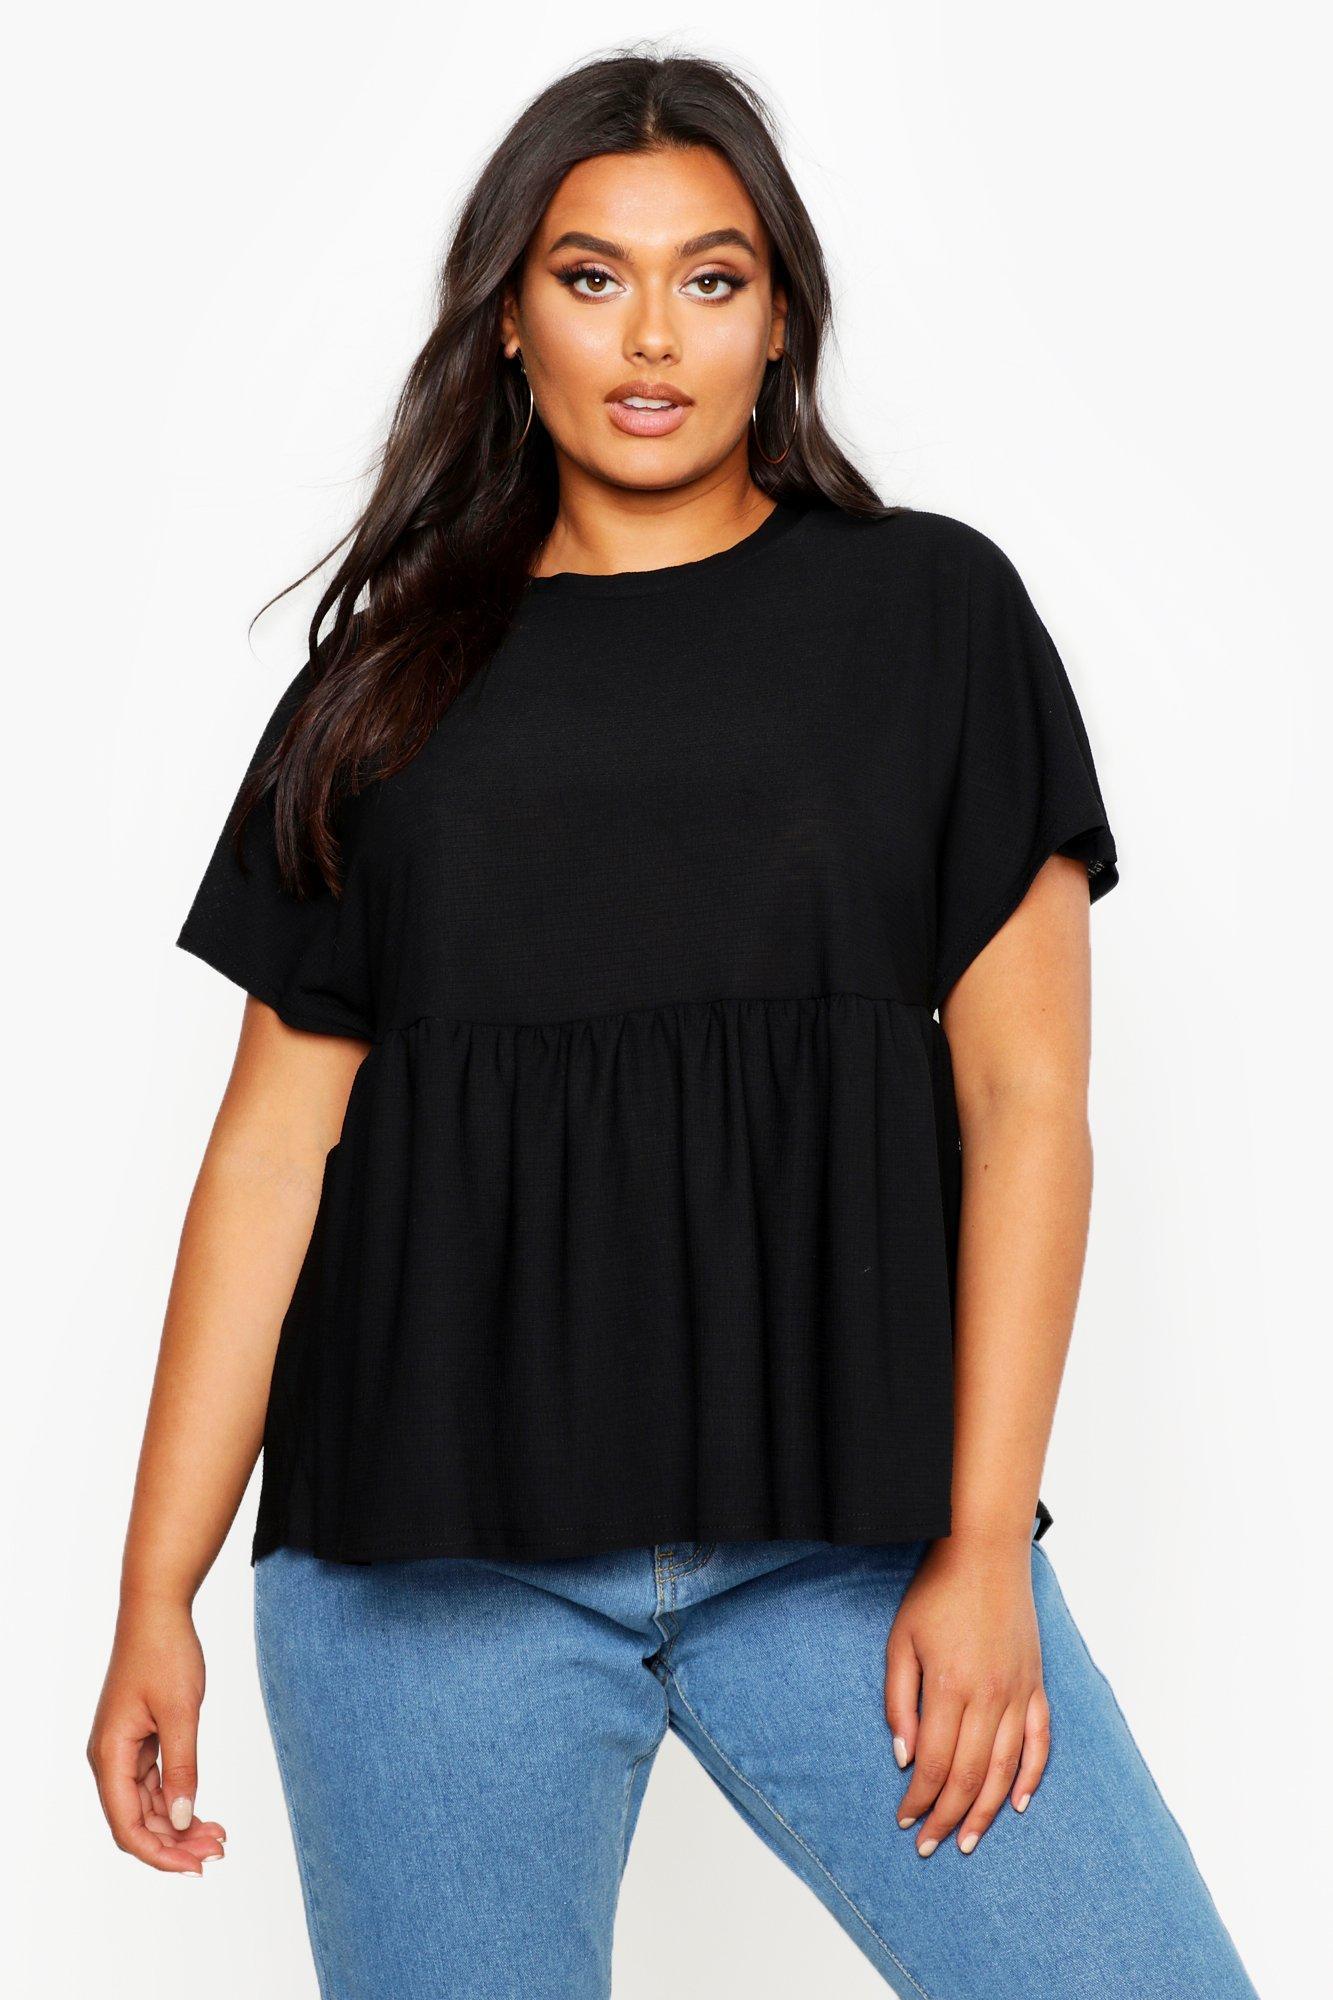 Womens Plus-Size Basic Schößchen T-Shirt - schwarz - 42, Schwarz - Boohoo.com